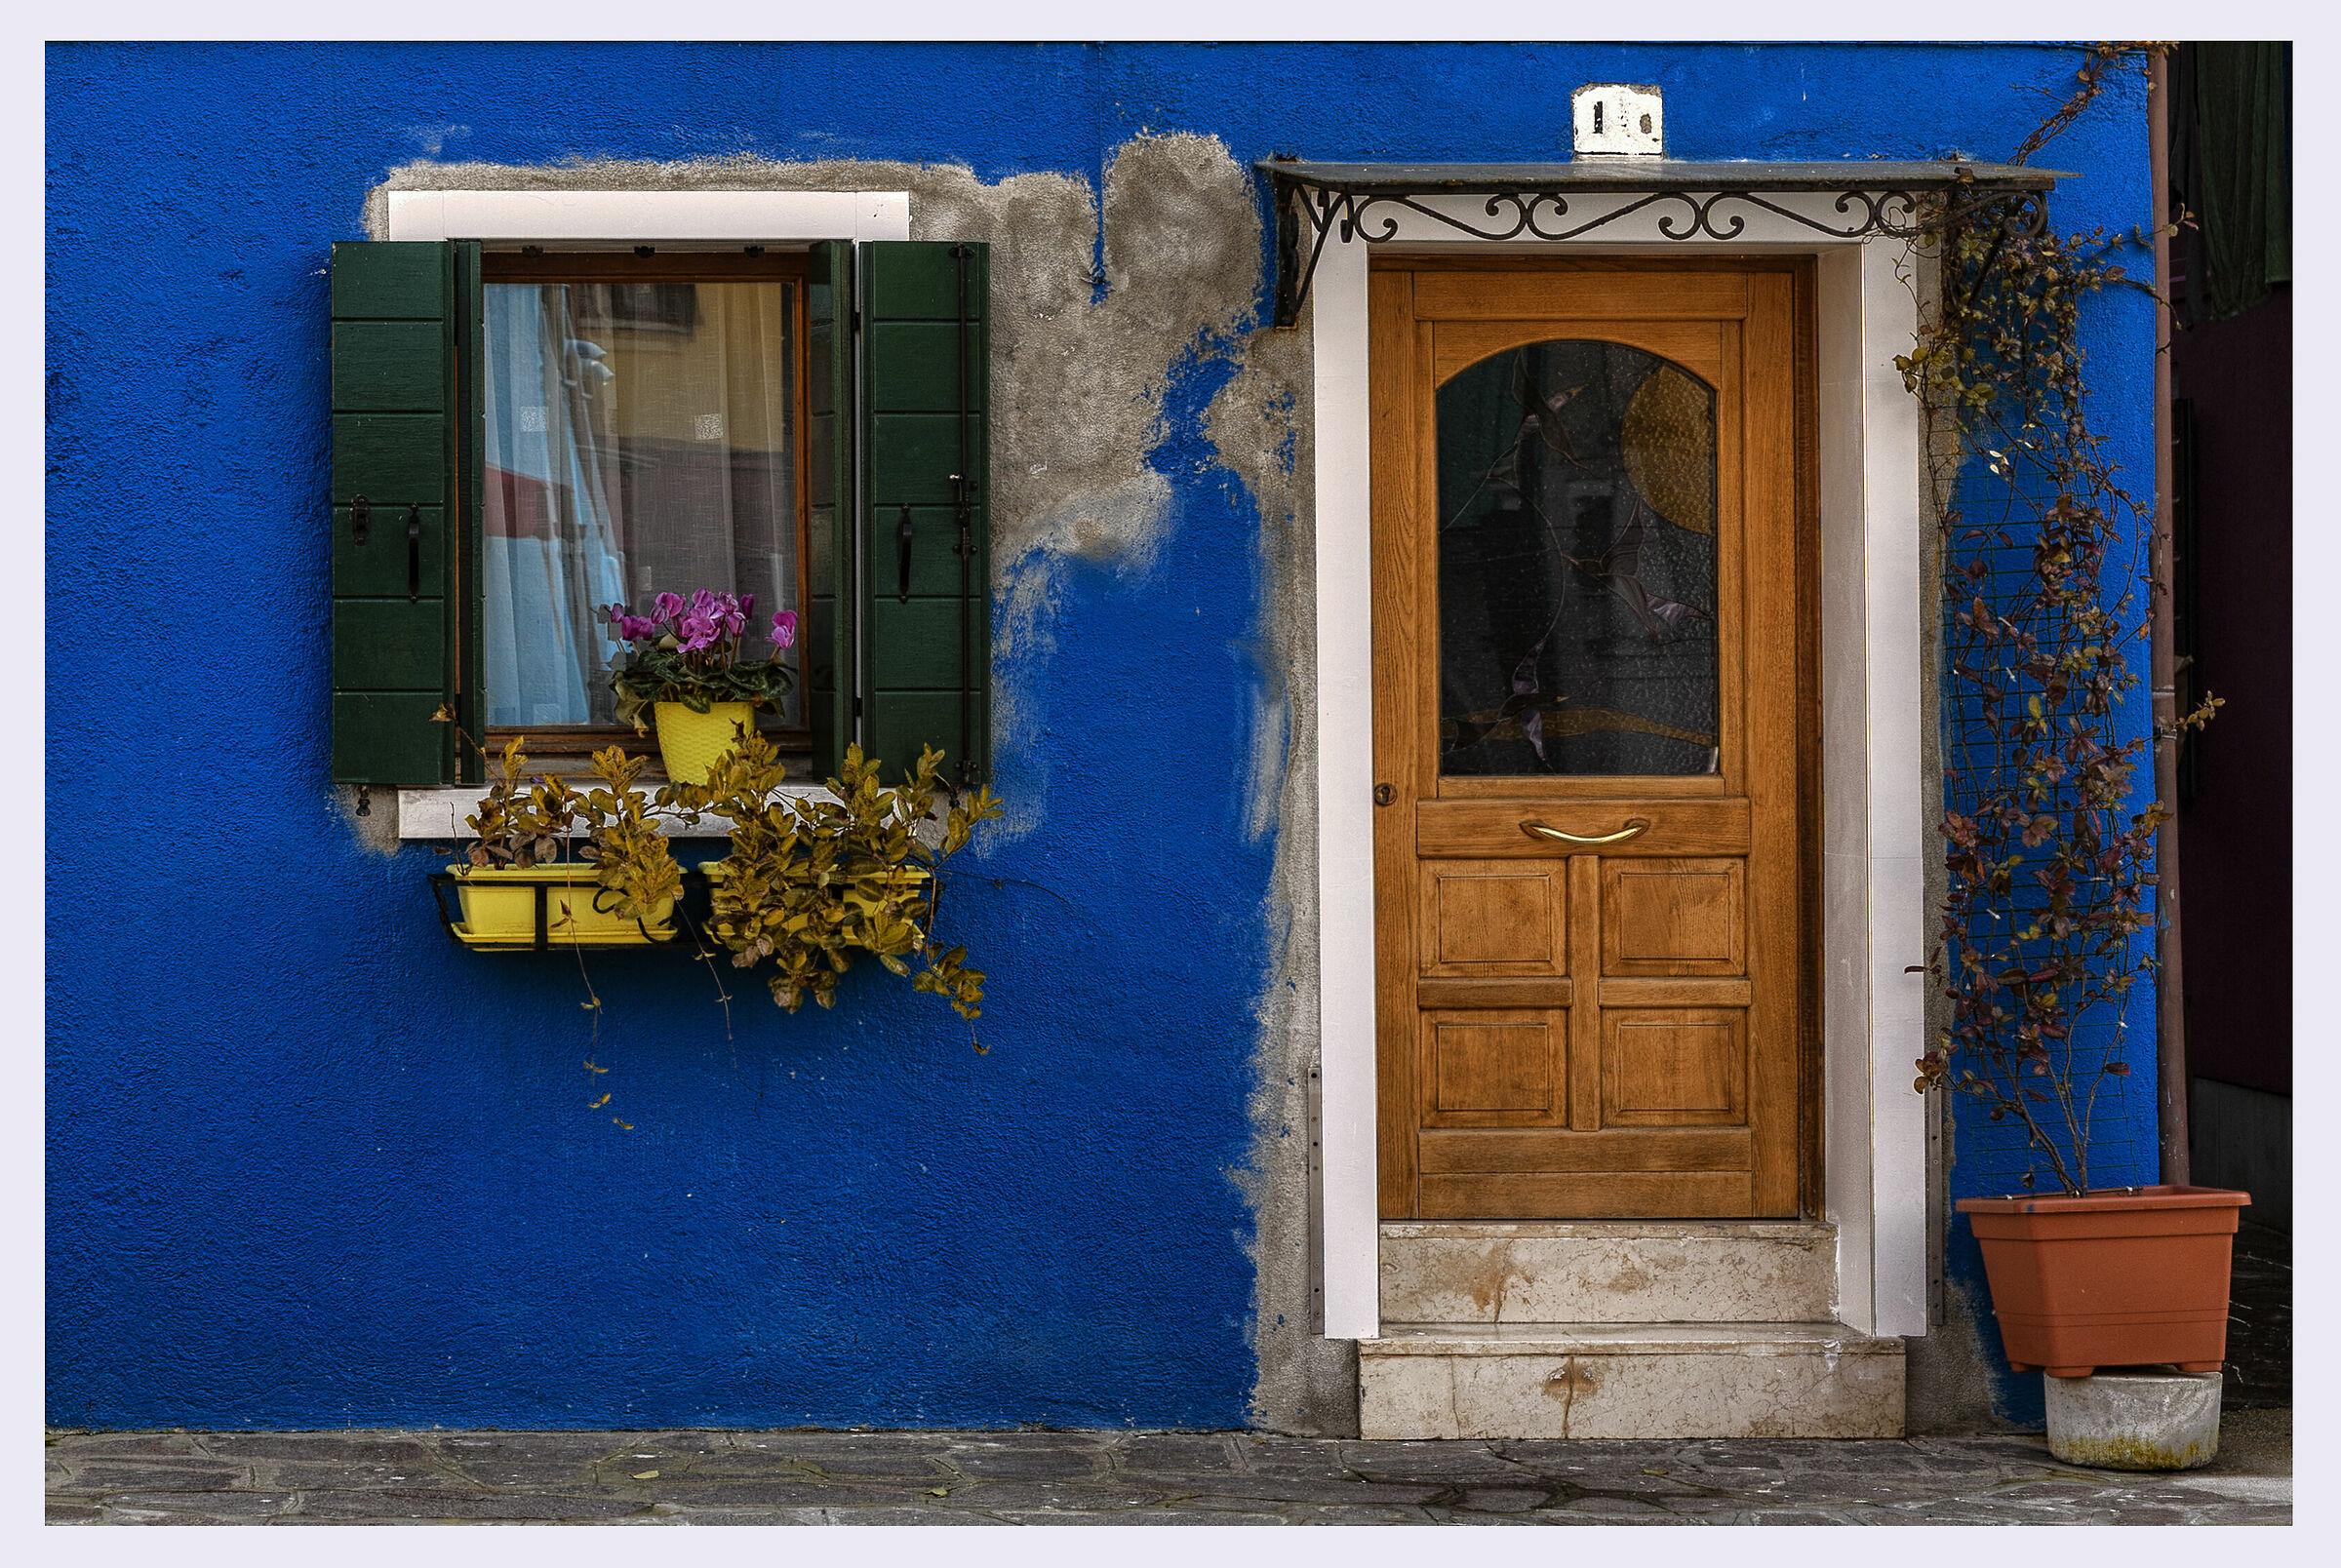 La finestra e la porta...